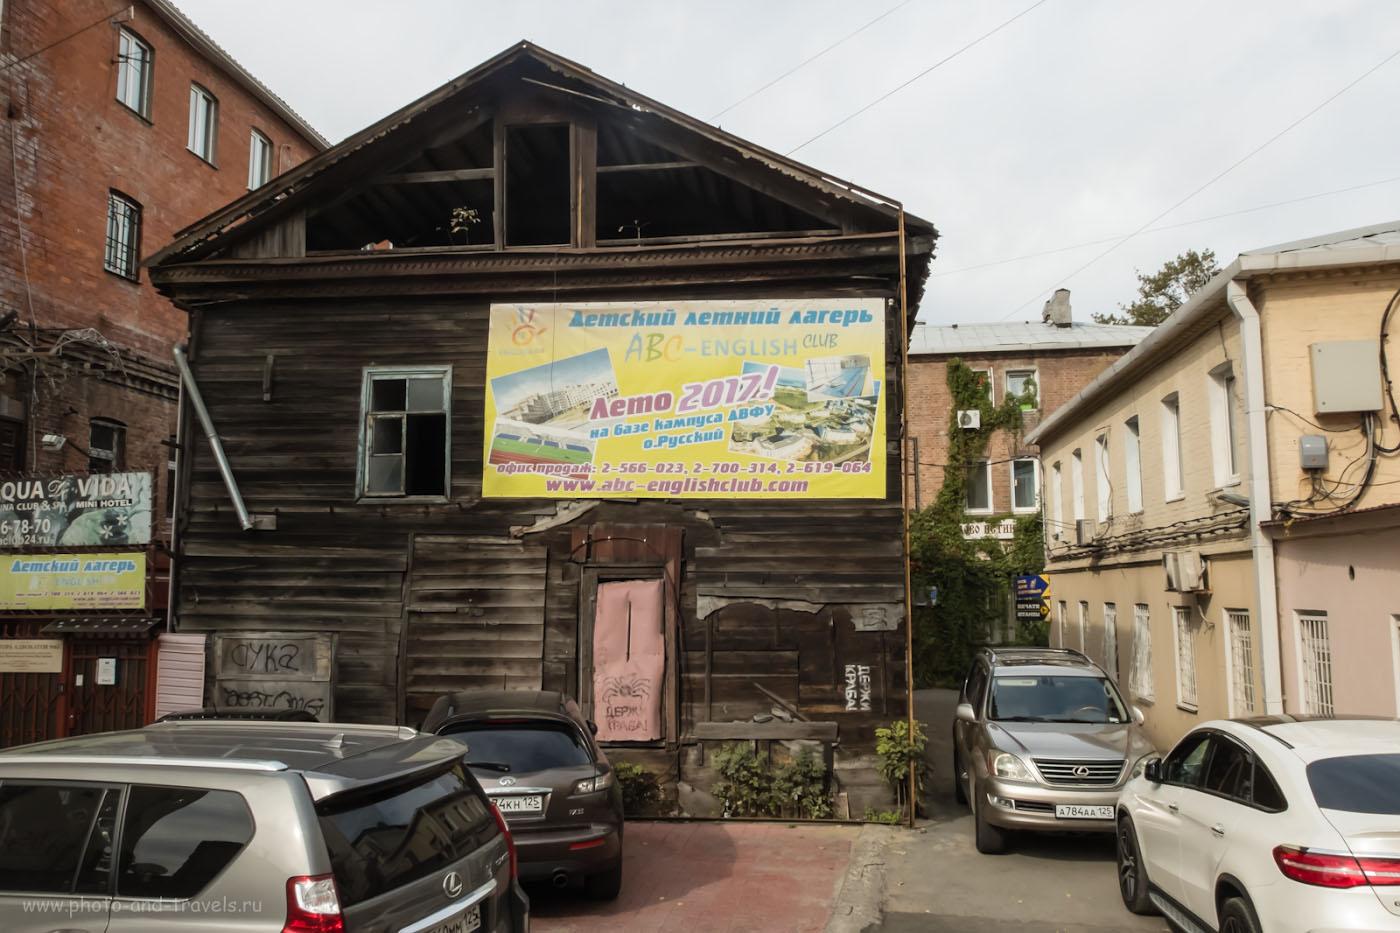 Фотография 20. Блеск и нищета Владивостока. Фотопрогулка с камерой Fuji X30. 1/210, 8.0, 200, 7.1.